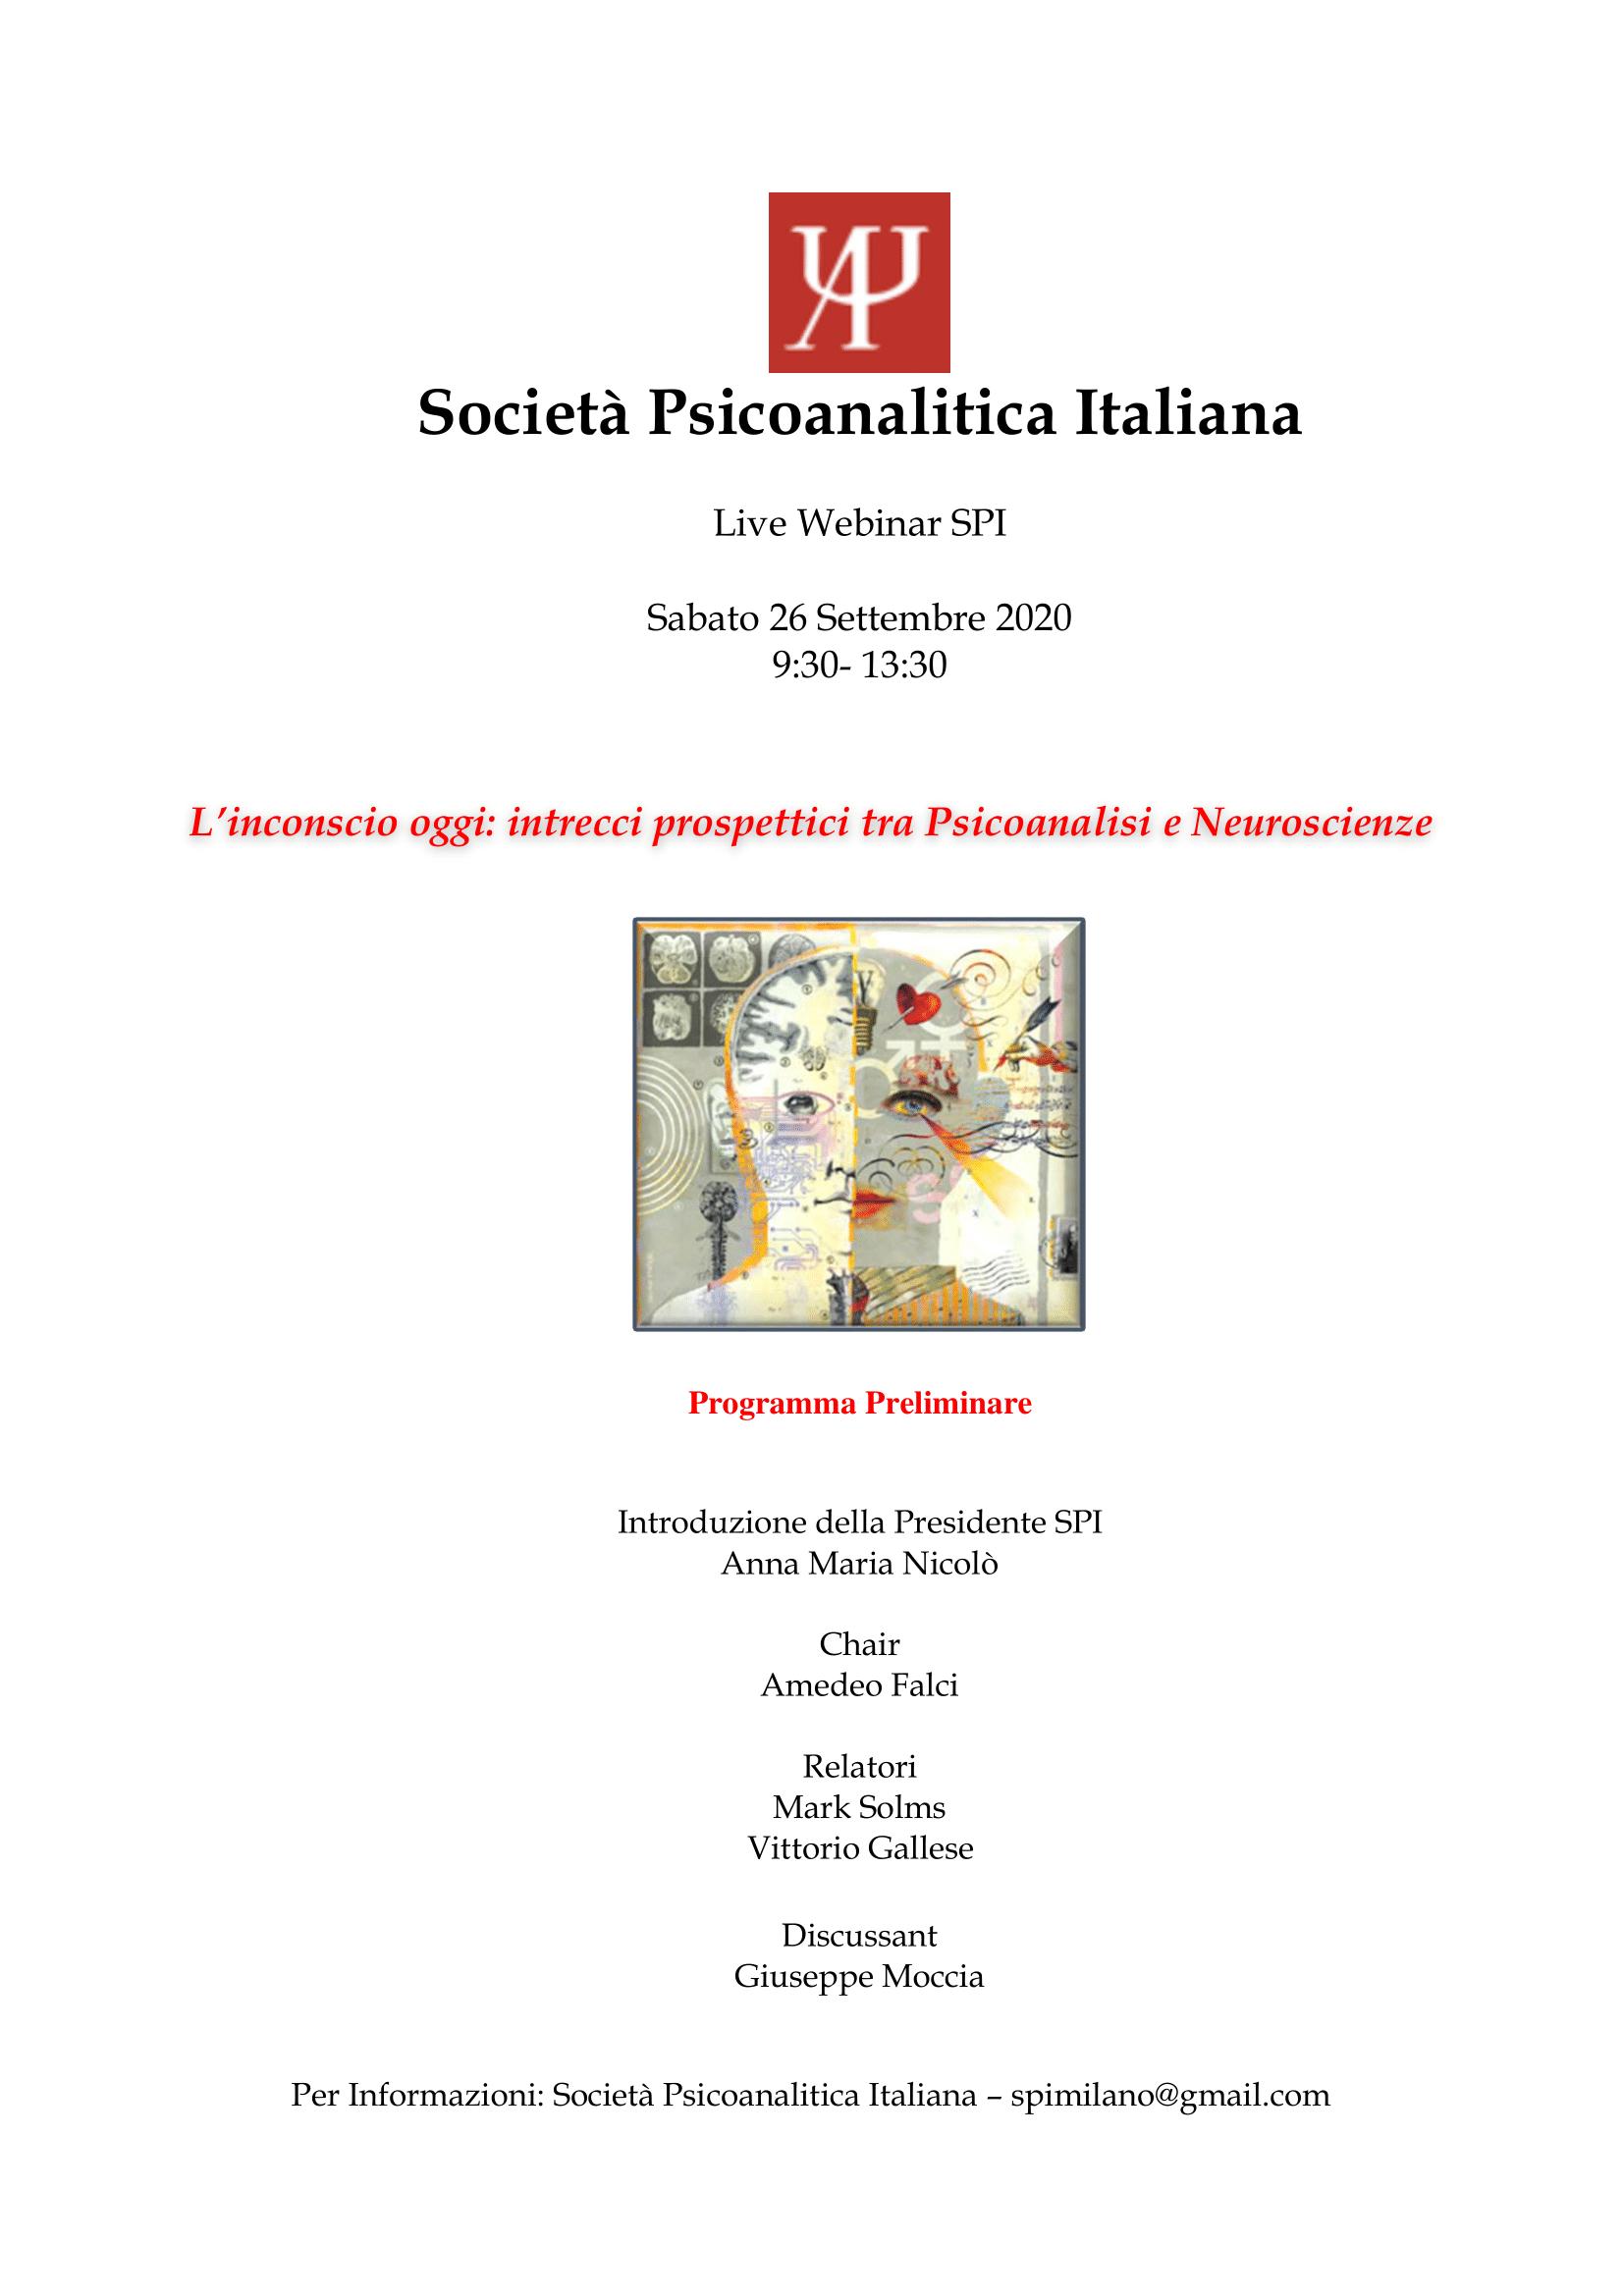 webinar programmaprovvisorio26 settembre 2020 1